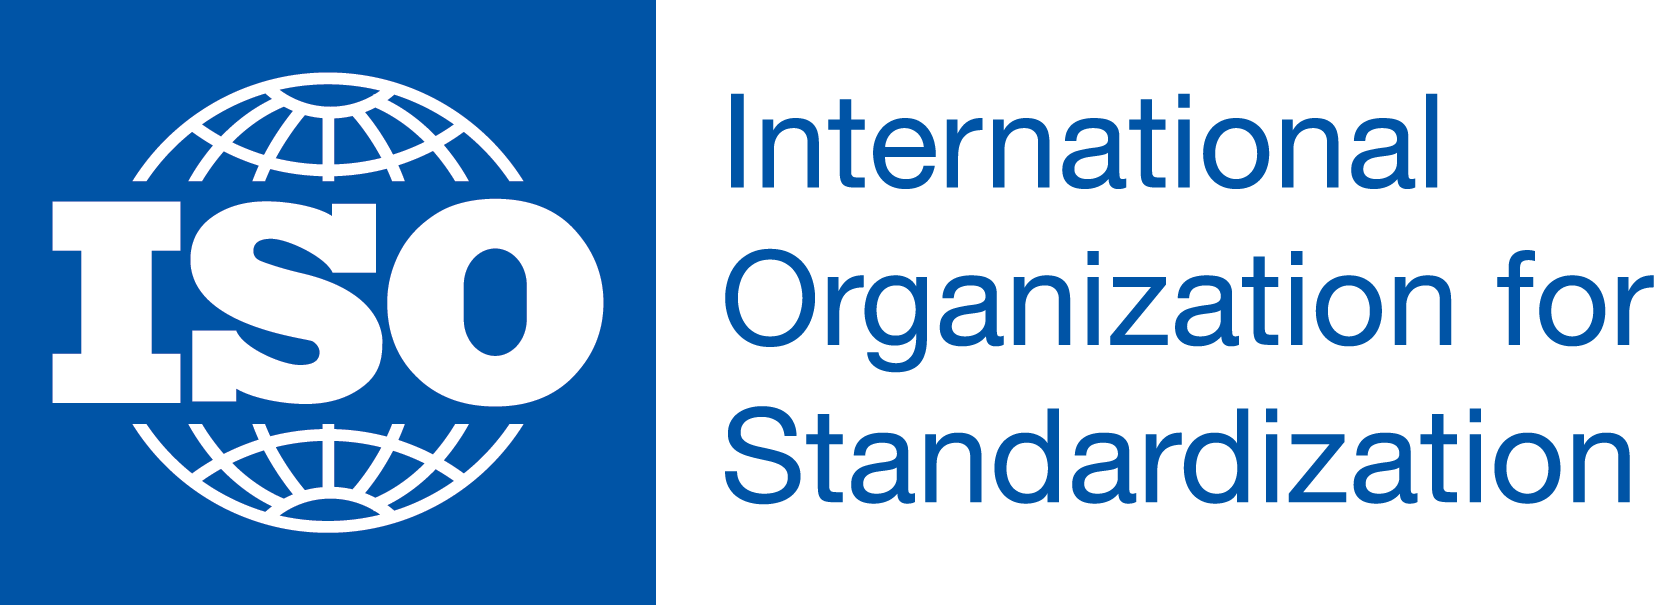 استانداردسازی بلاکچین توسط ISO